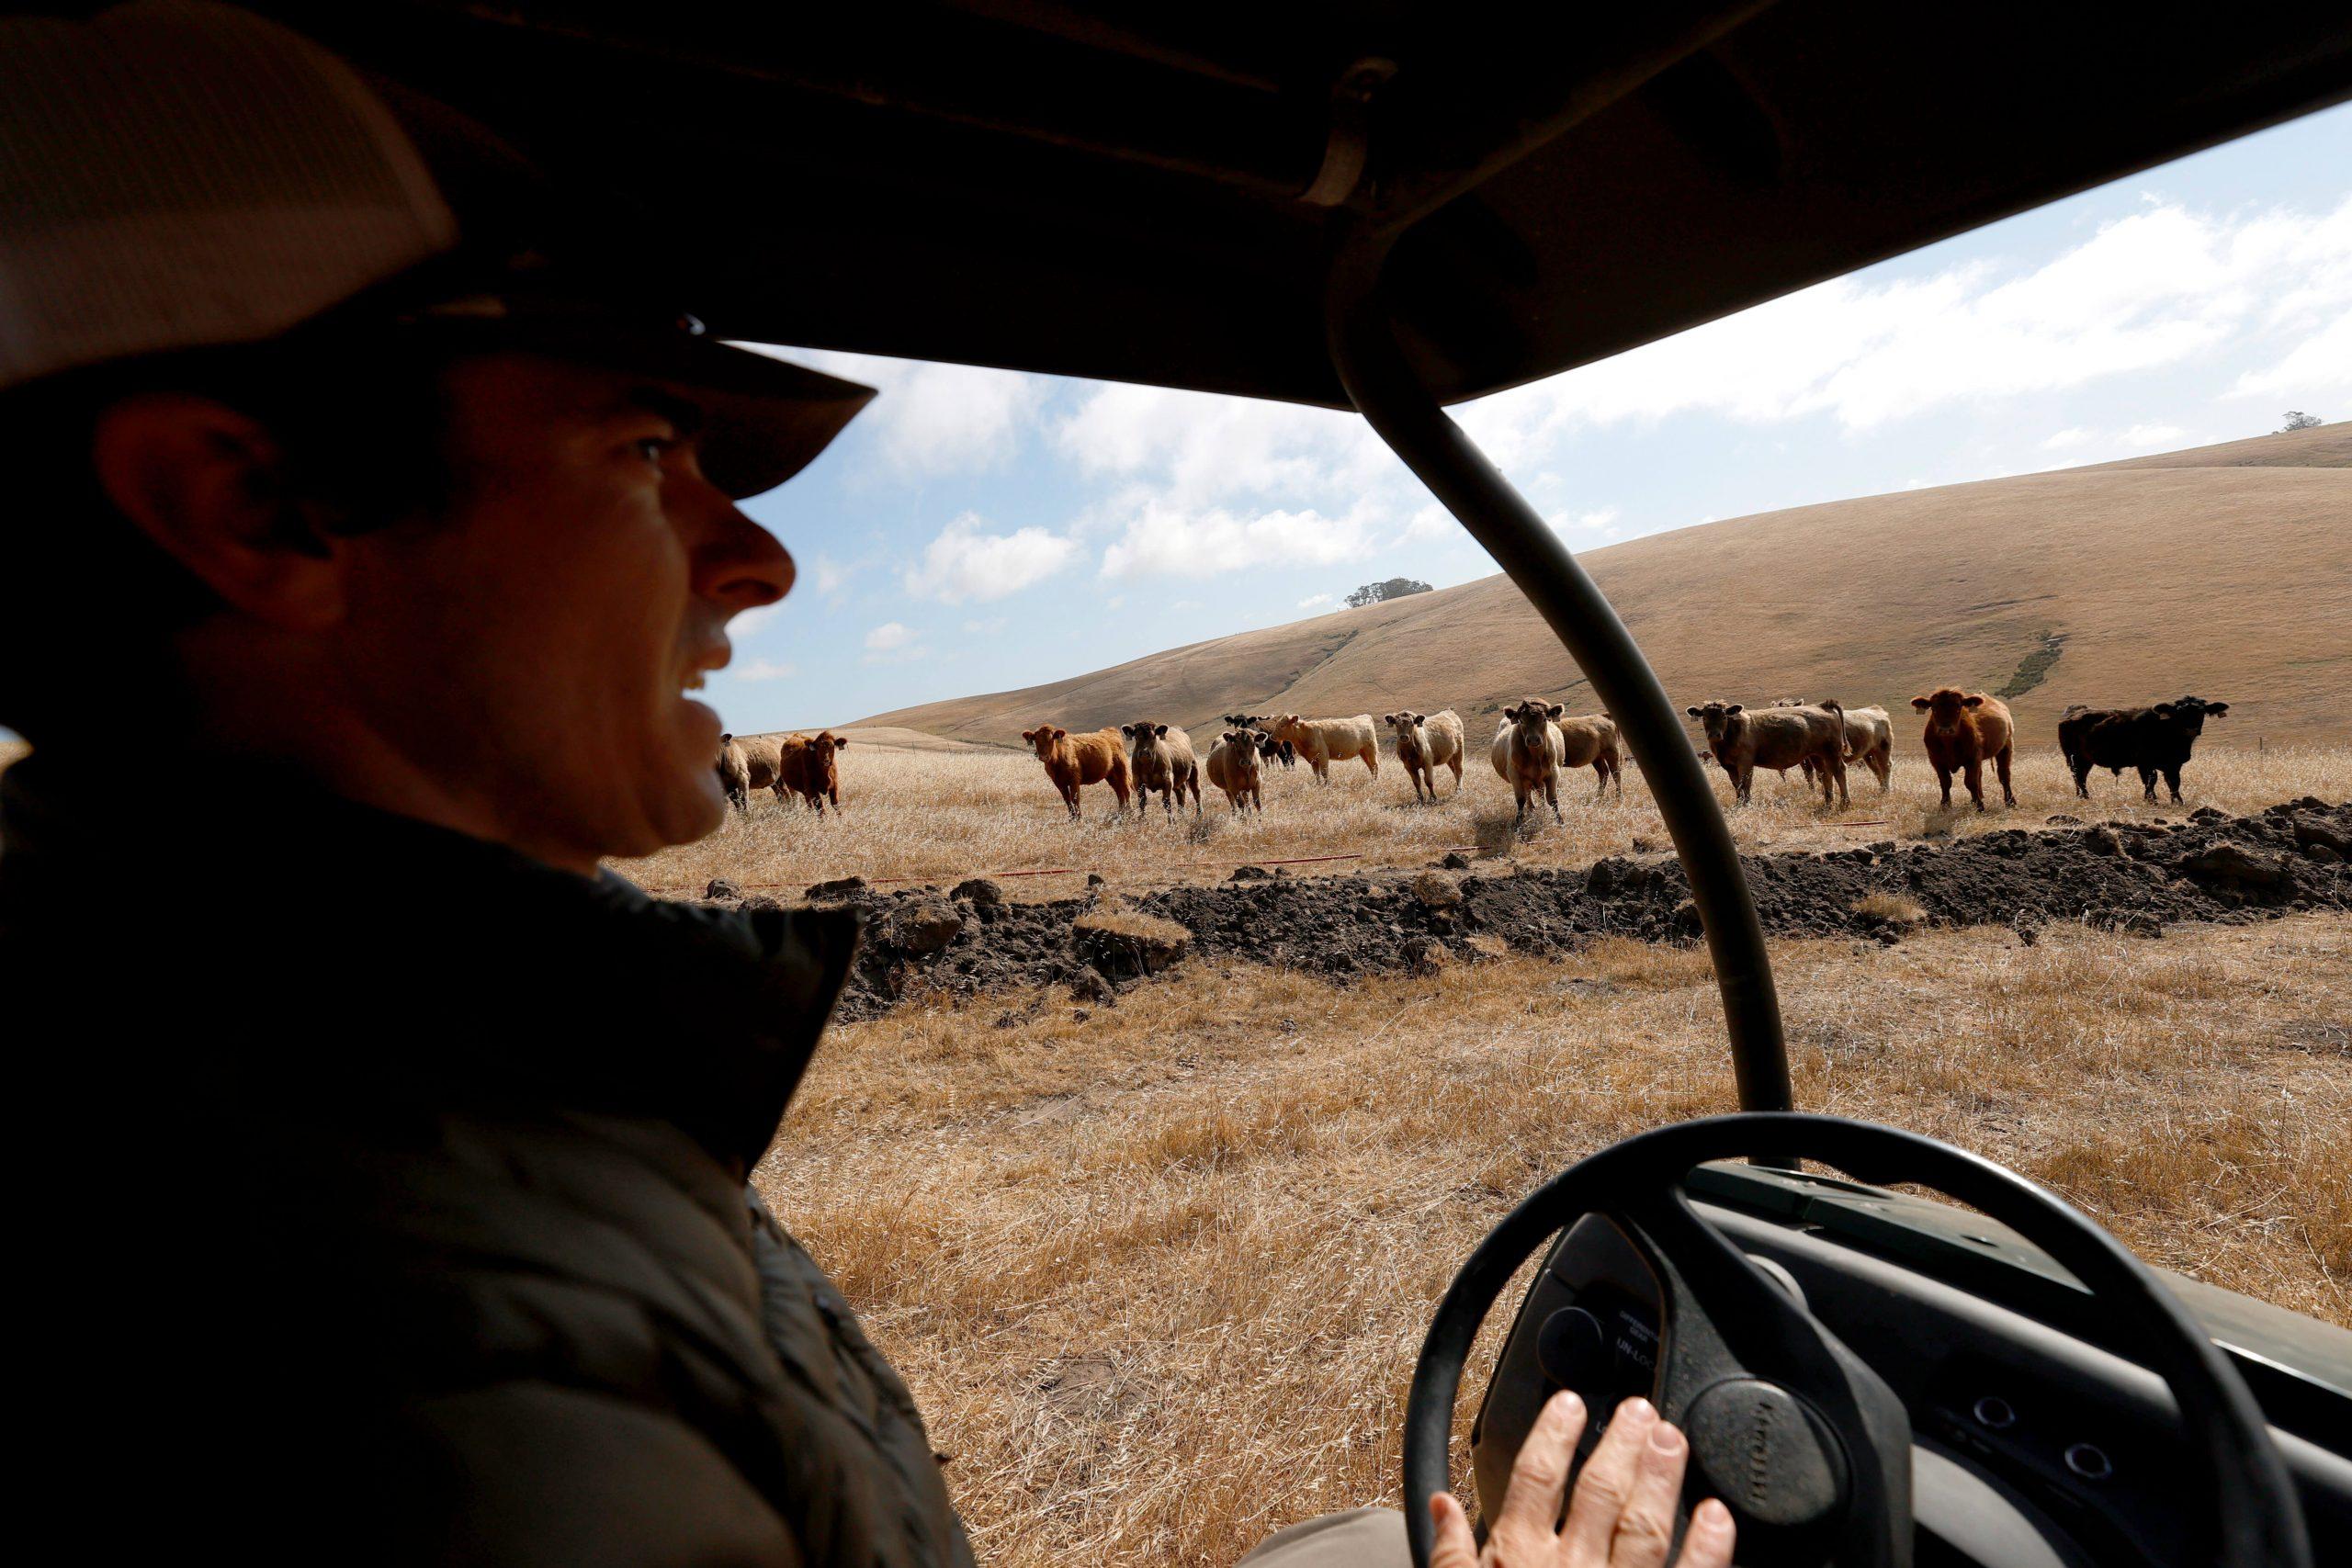 Lending a Helping Herd